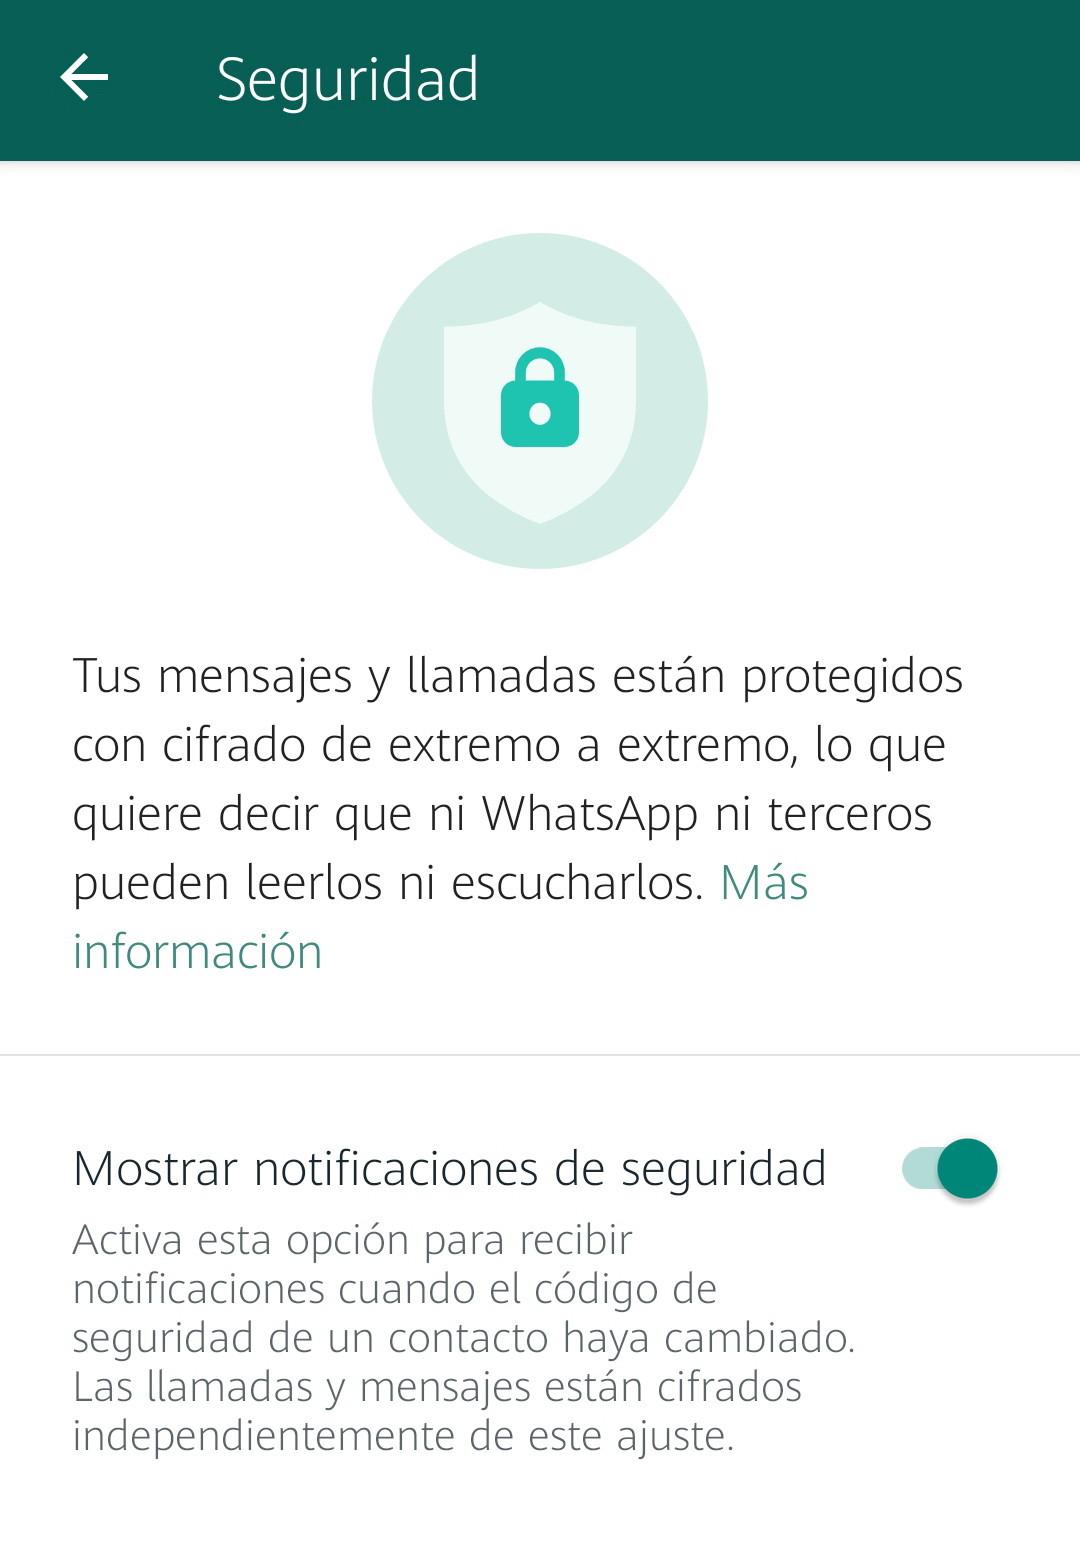 verificar el cifrado de datos de WhatsApp